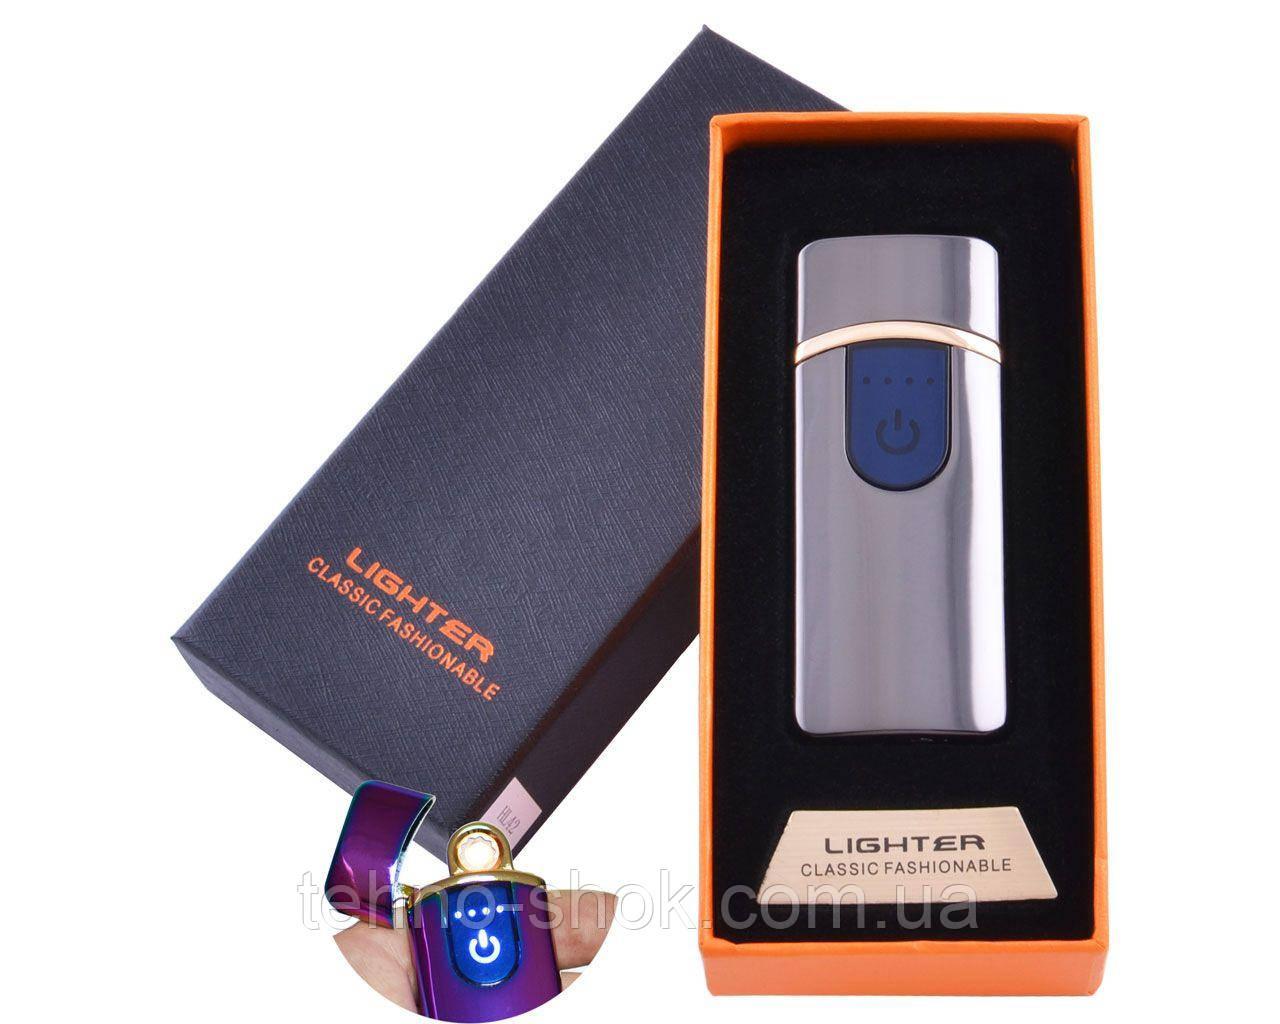 USB зажигалка в подарочной упаковке Lighter (Спираль накаливания) HL-42 Black